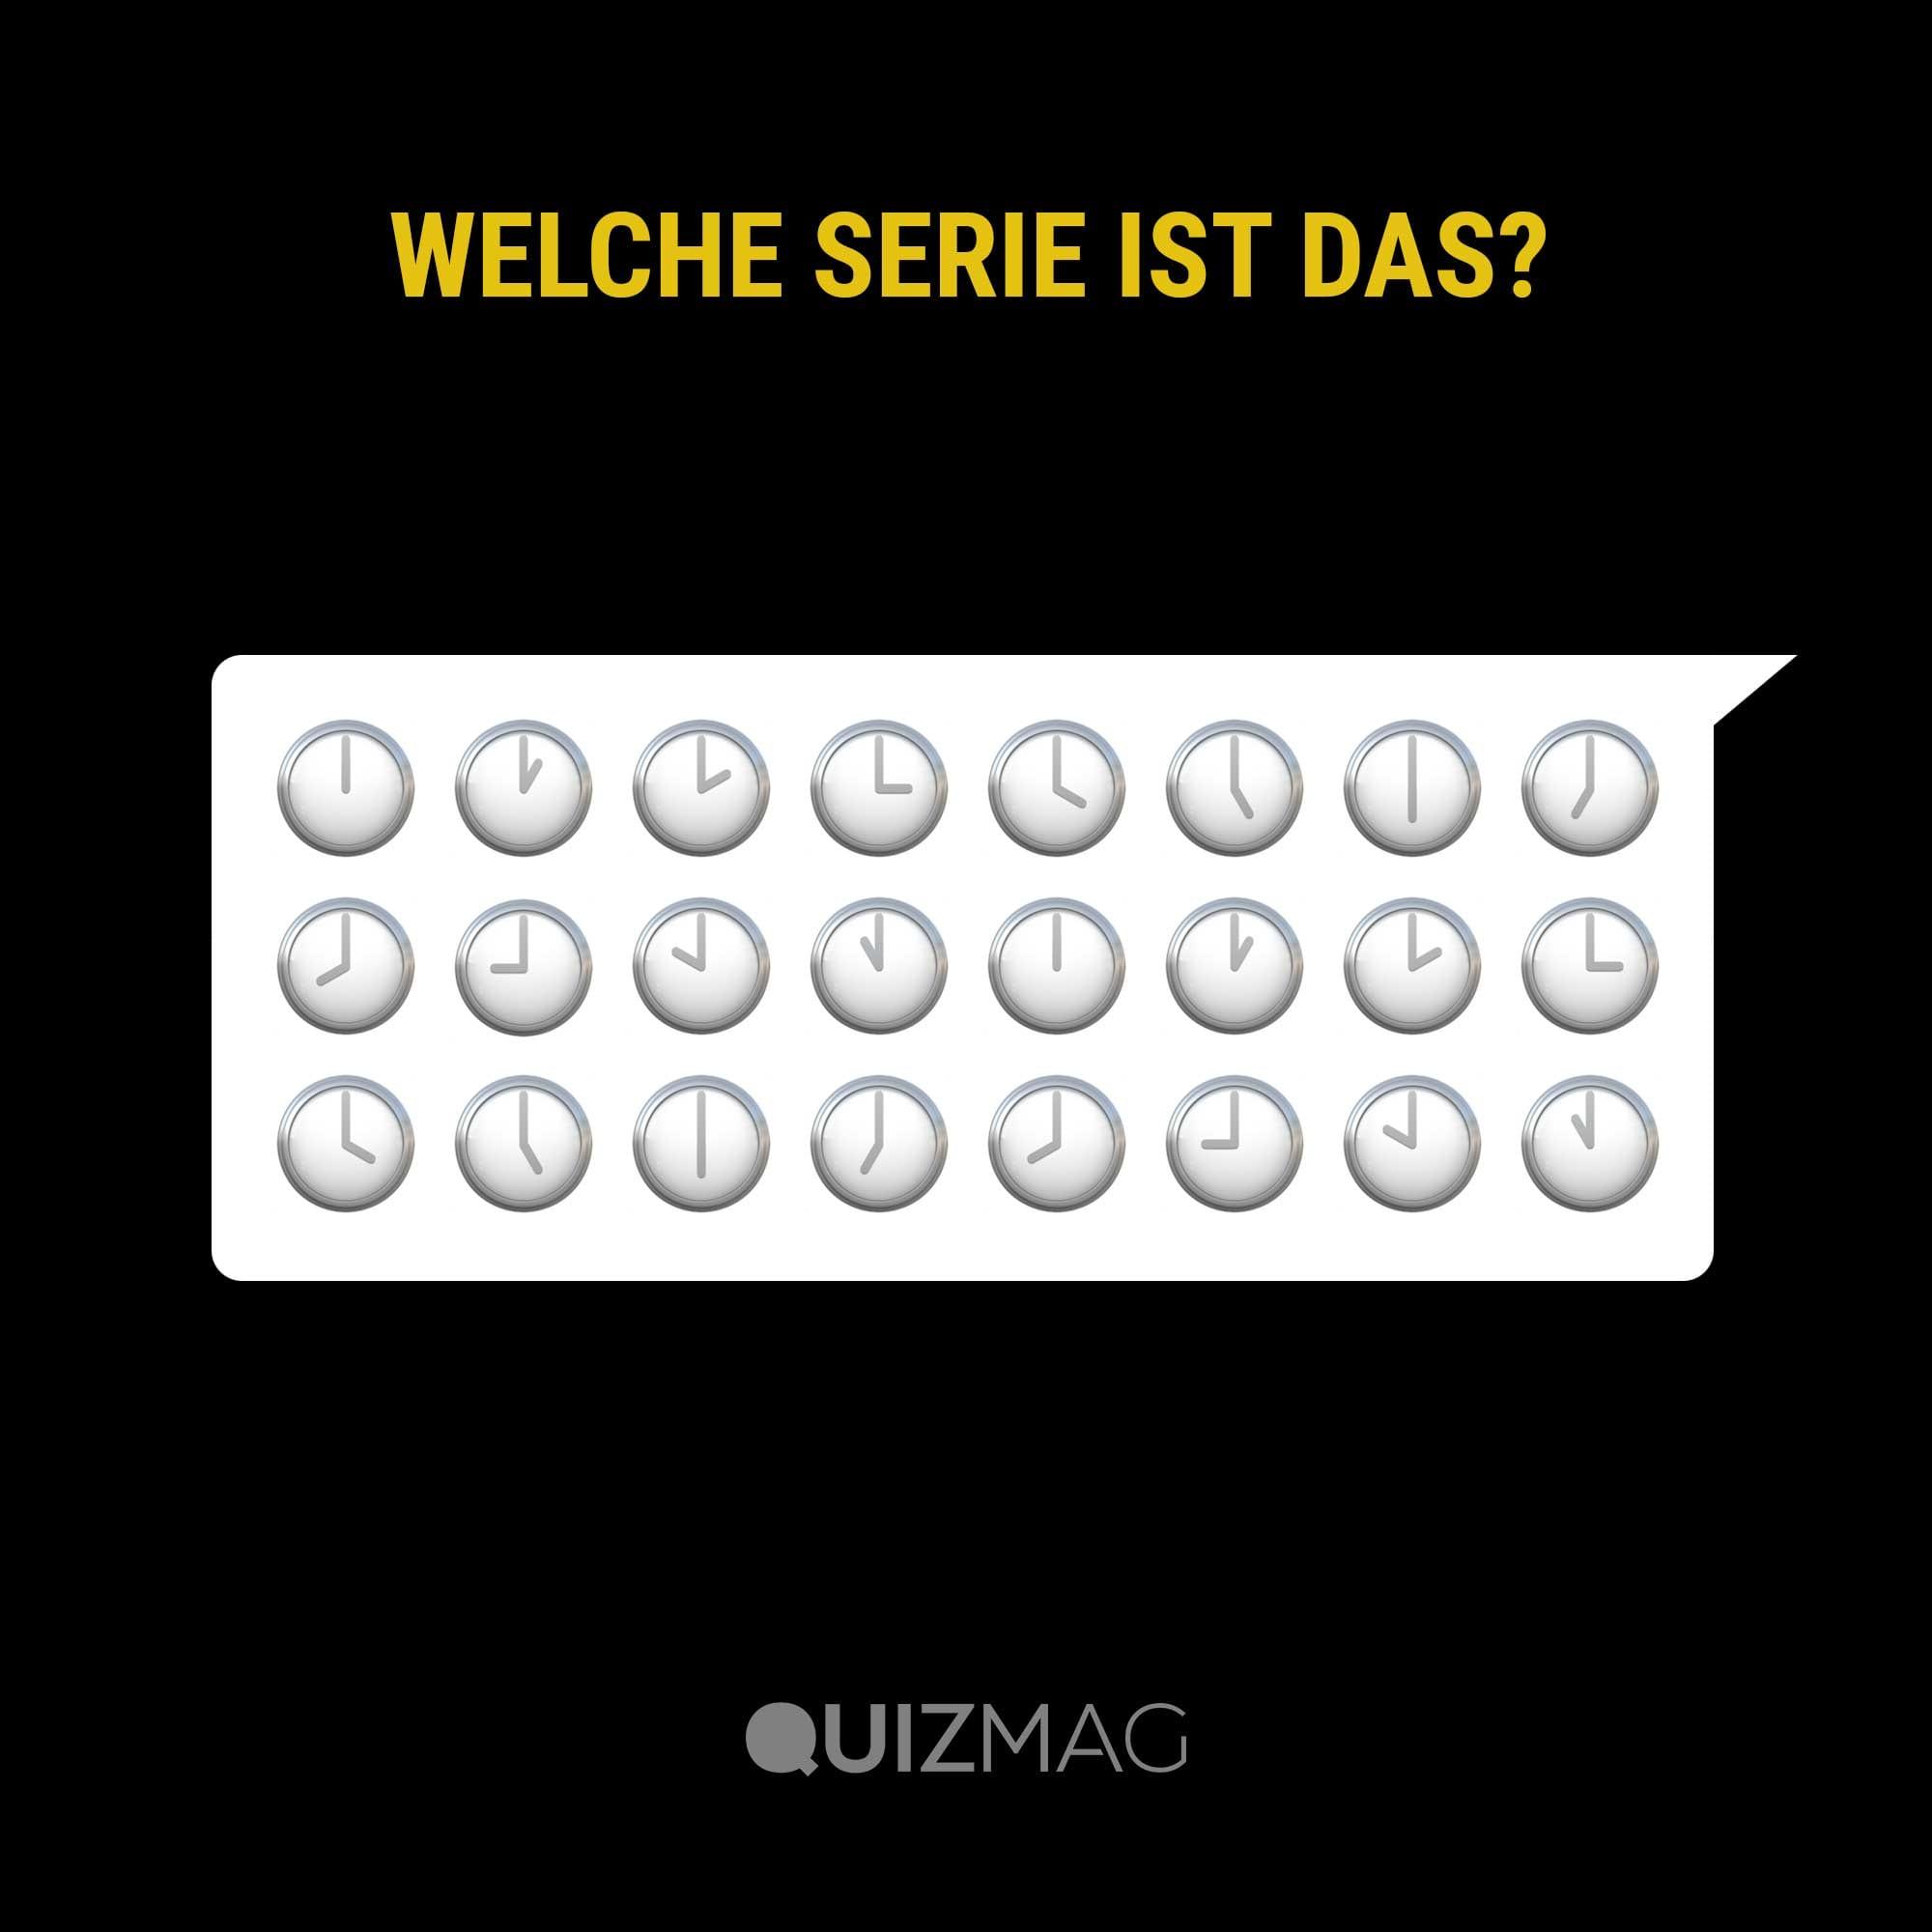 emojiserien_03 Serien in Emojis